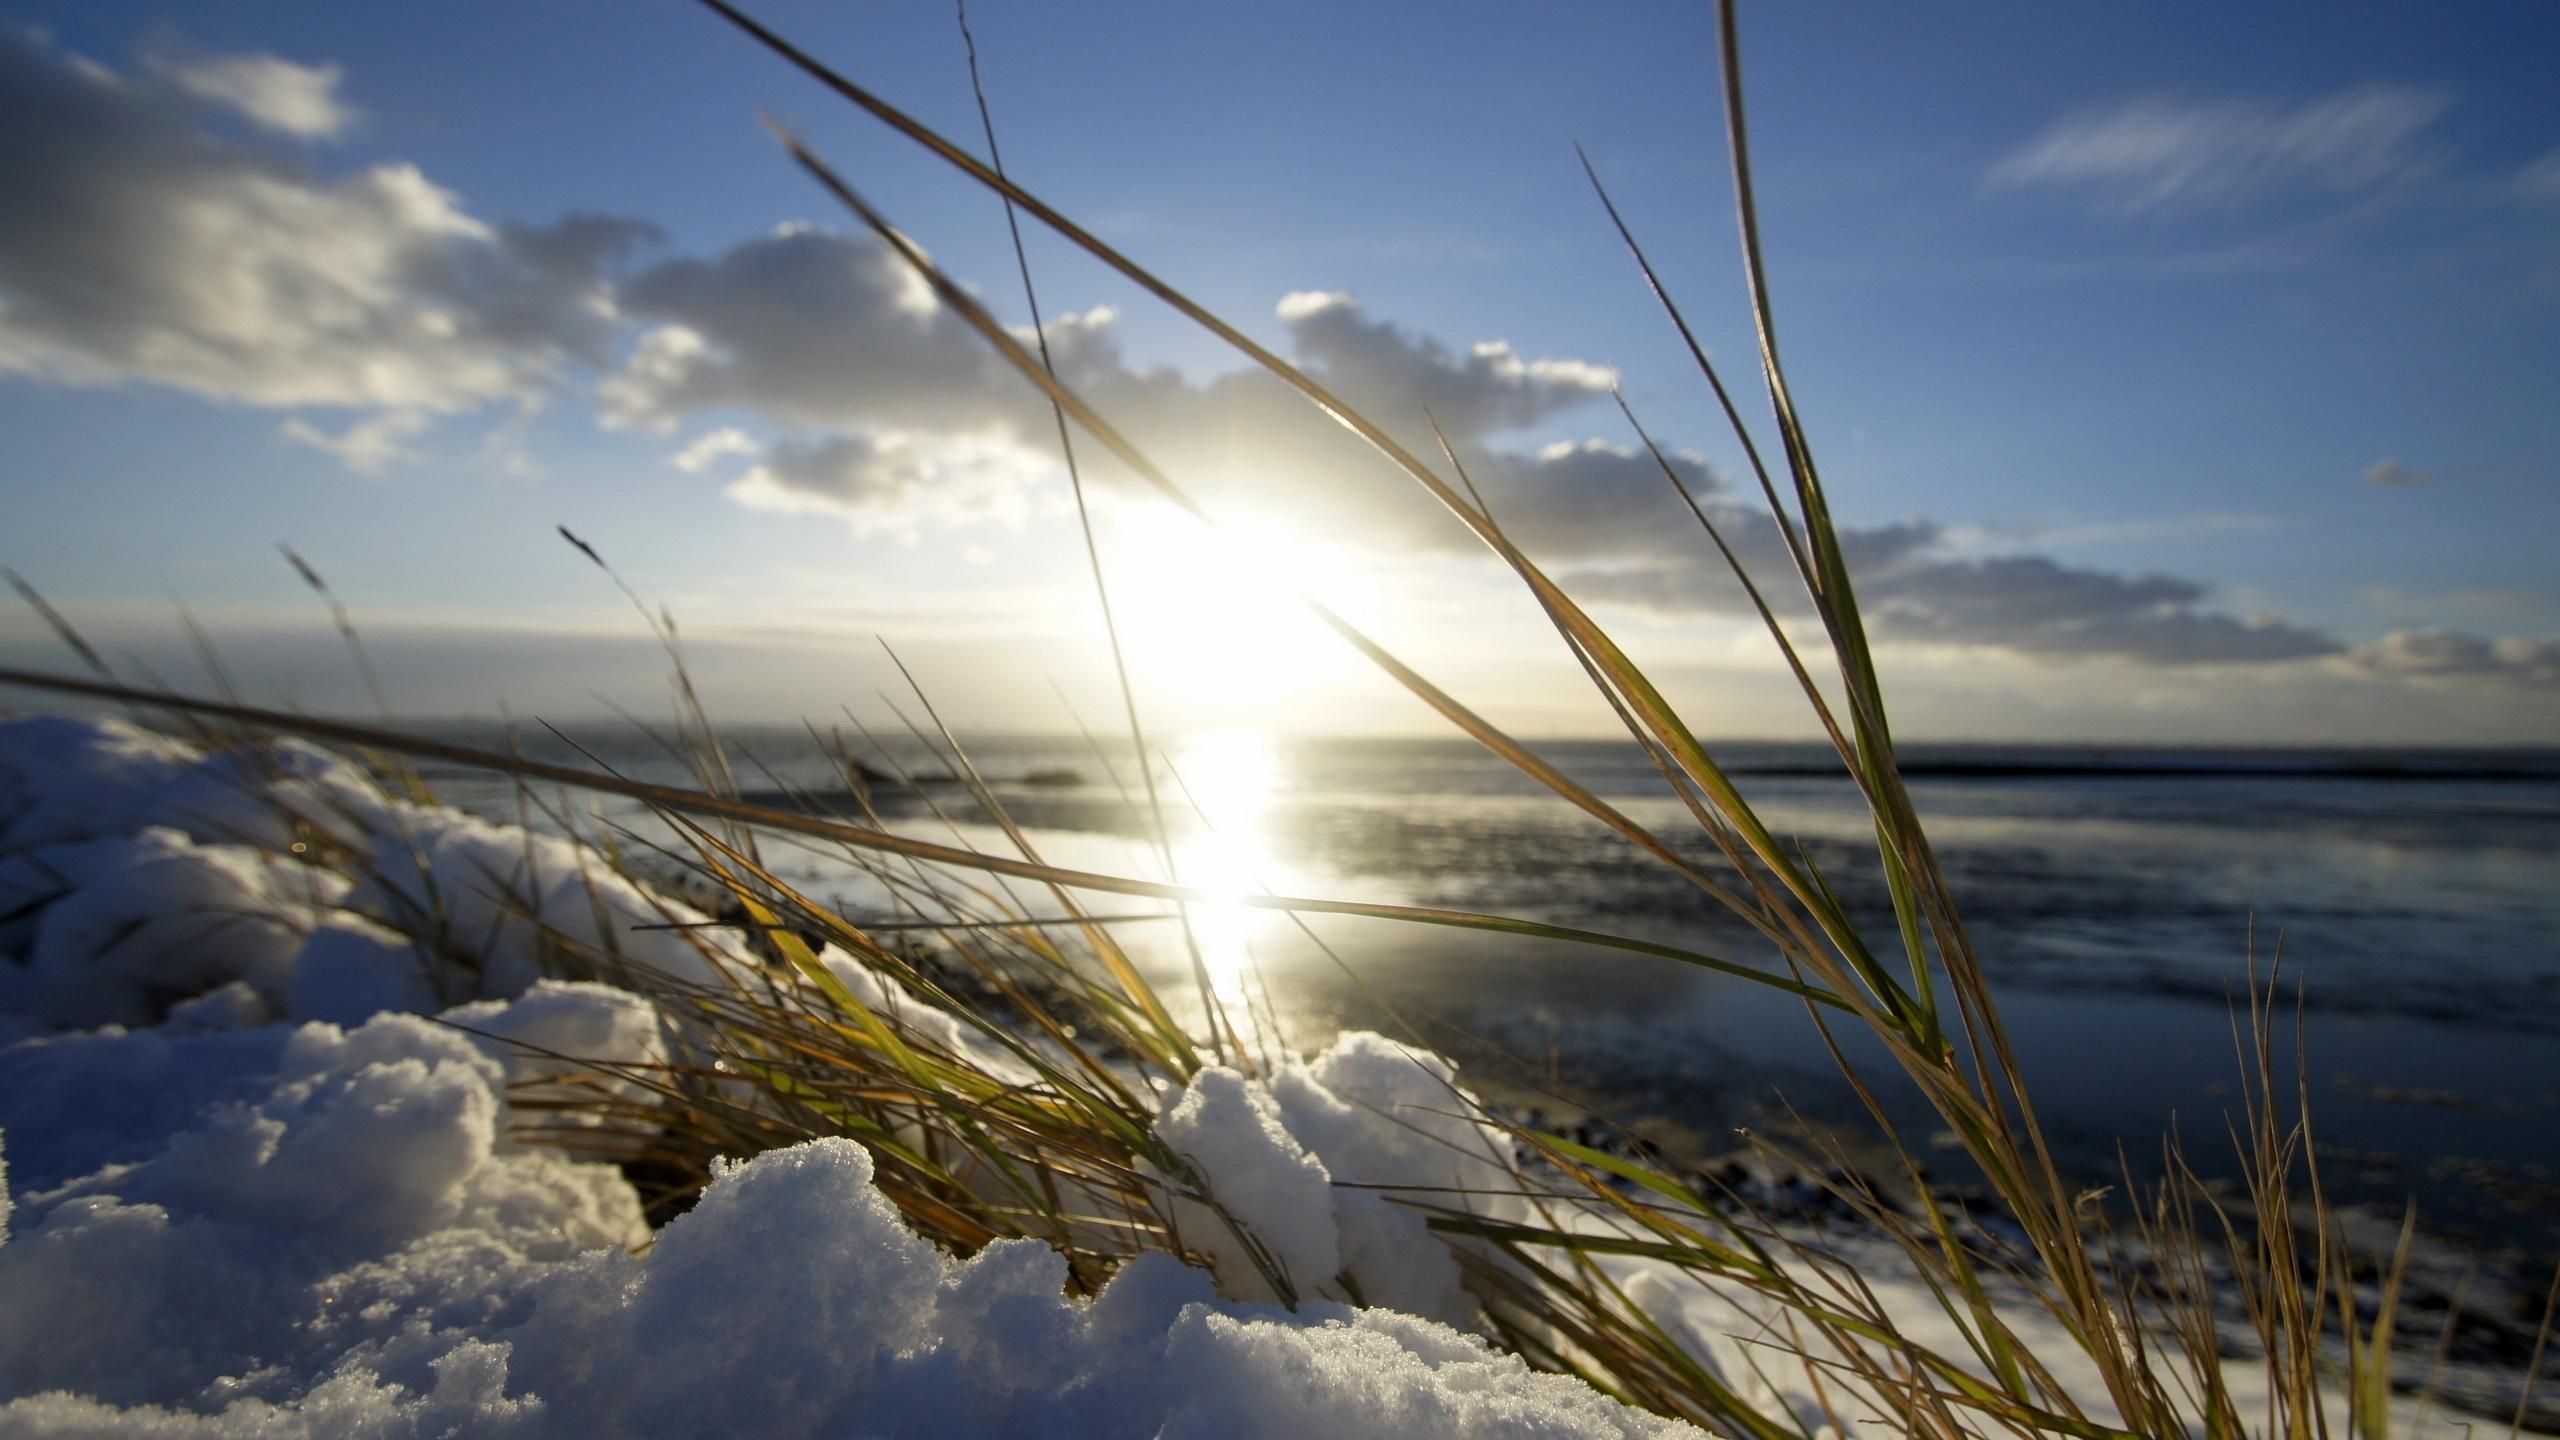 Fond Décran Lame Lumière Neige Soleil Printemps